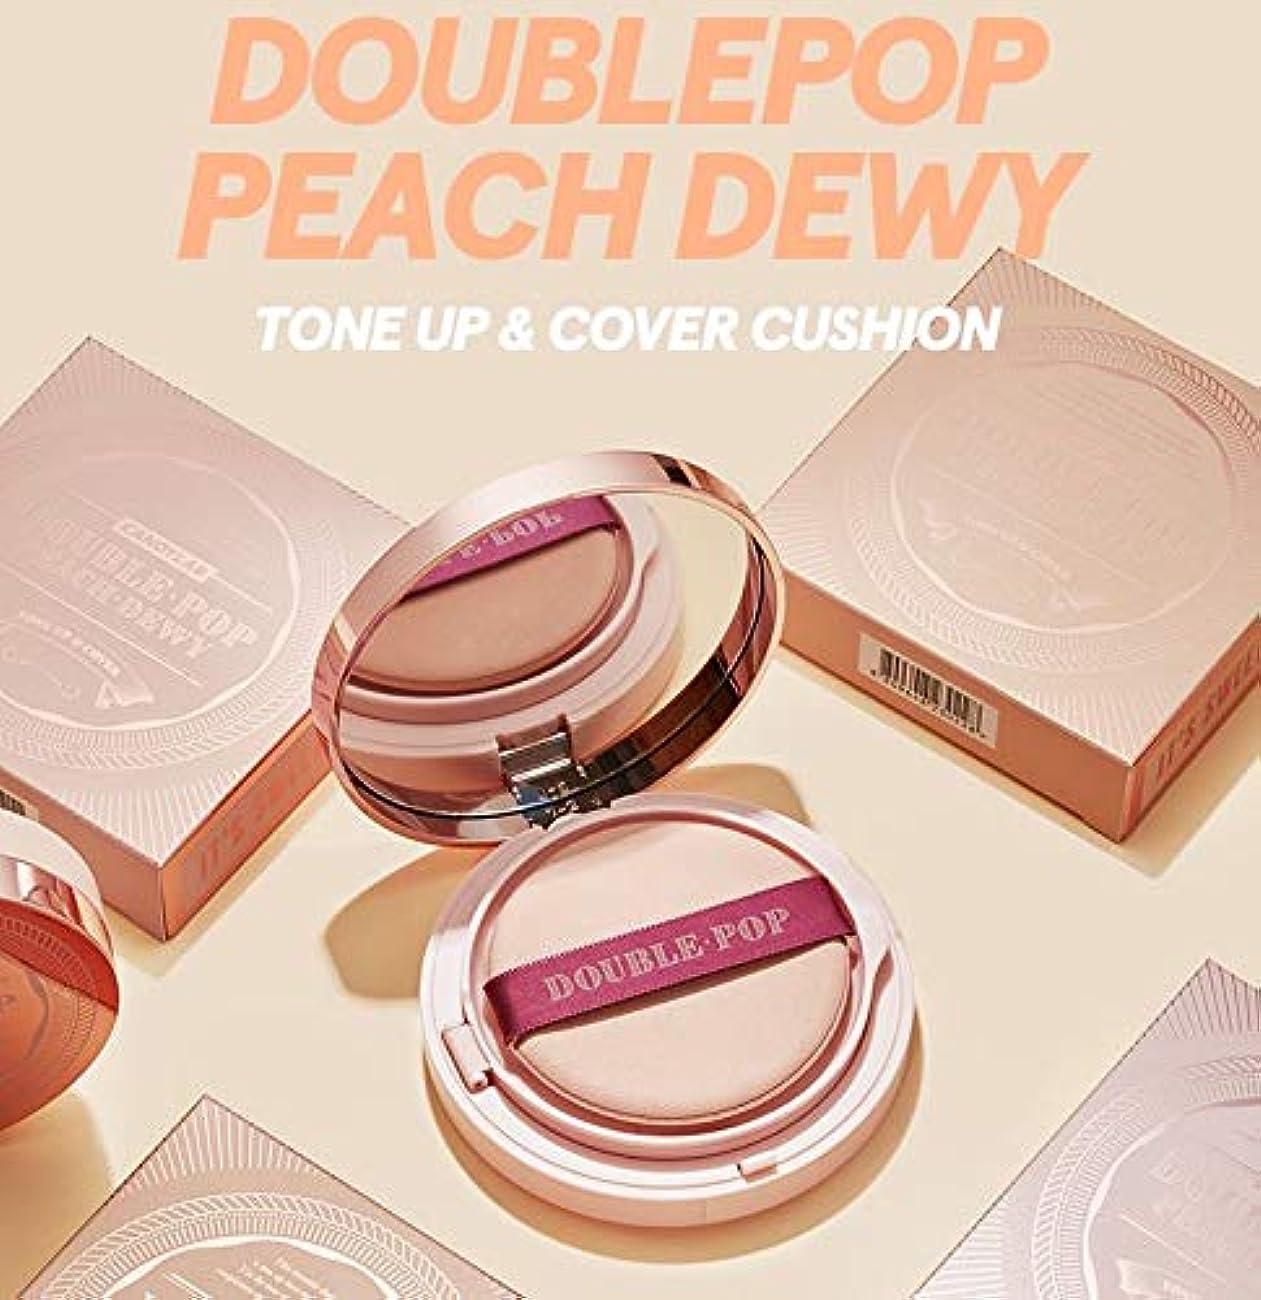 ハンカチ団結口径【キャンディラボ公式ストア】Doublepop Peach Dewy Cushion/ダブルポップピーチ クッションファンデ/正品?海外直送商品 [並行輸入品] (#17 Porcelain Peach)